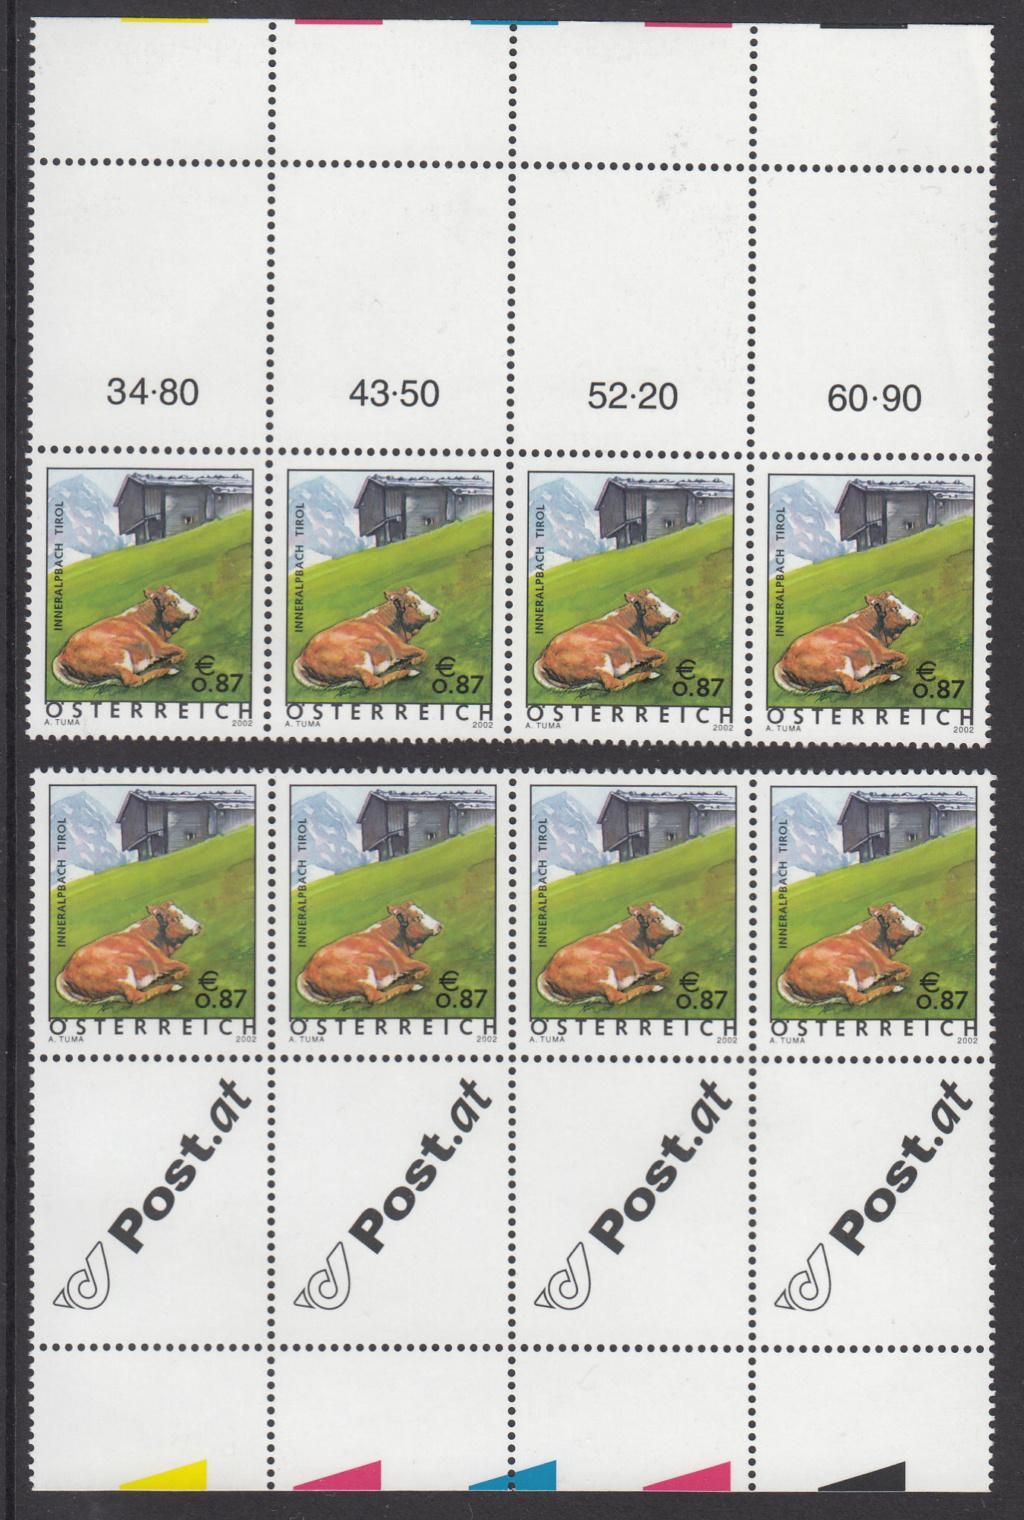 Ferienland Österreich - Dauermarkenserie Img_0317